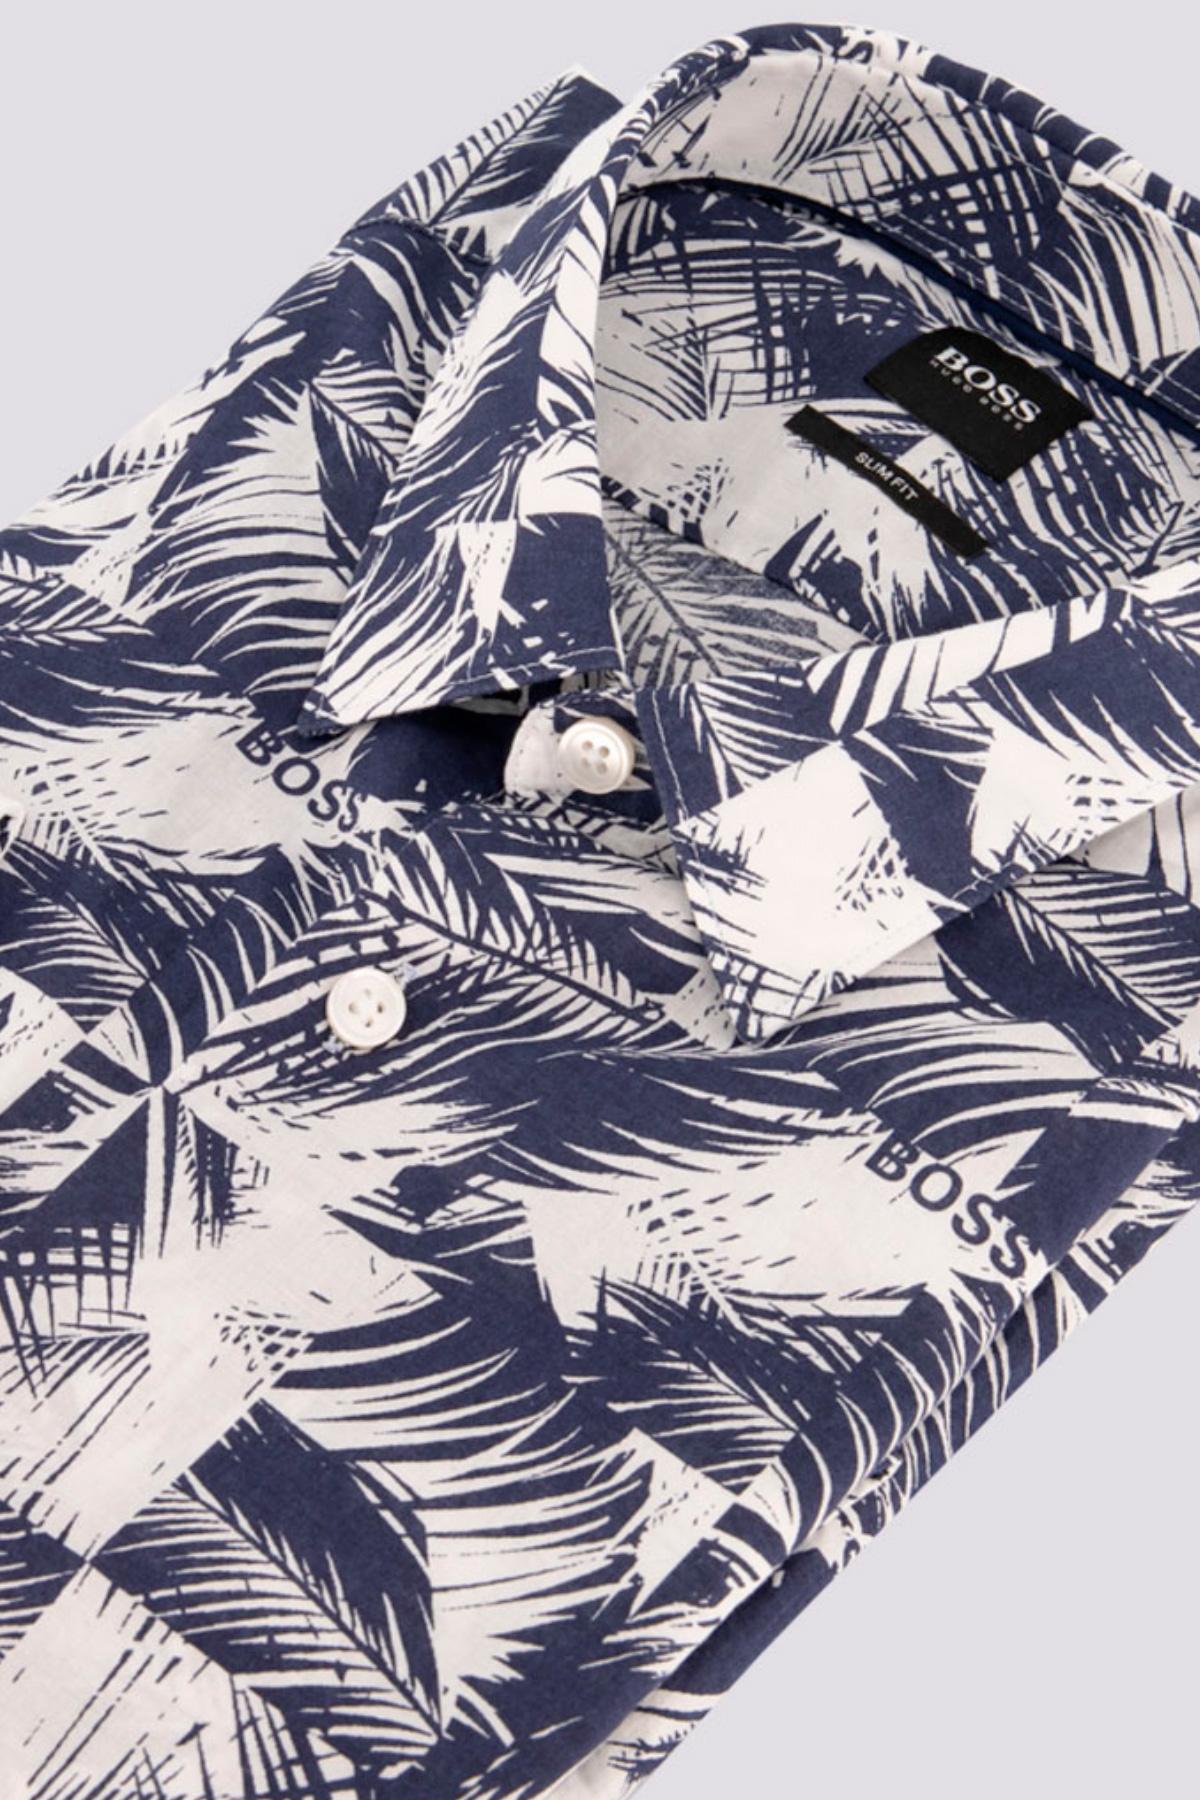 Camisa Sport Marca BOSS con estampado palmera